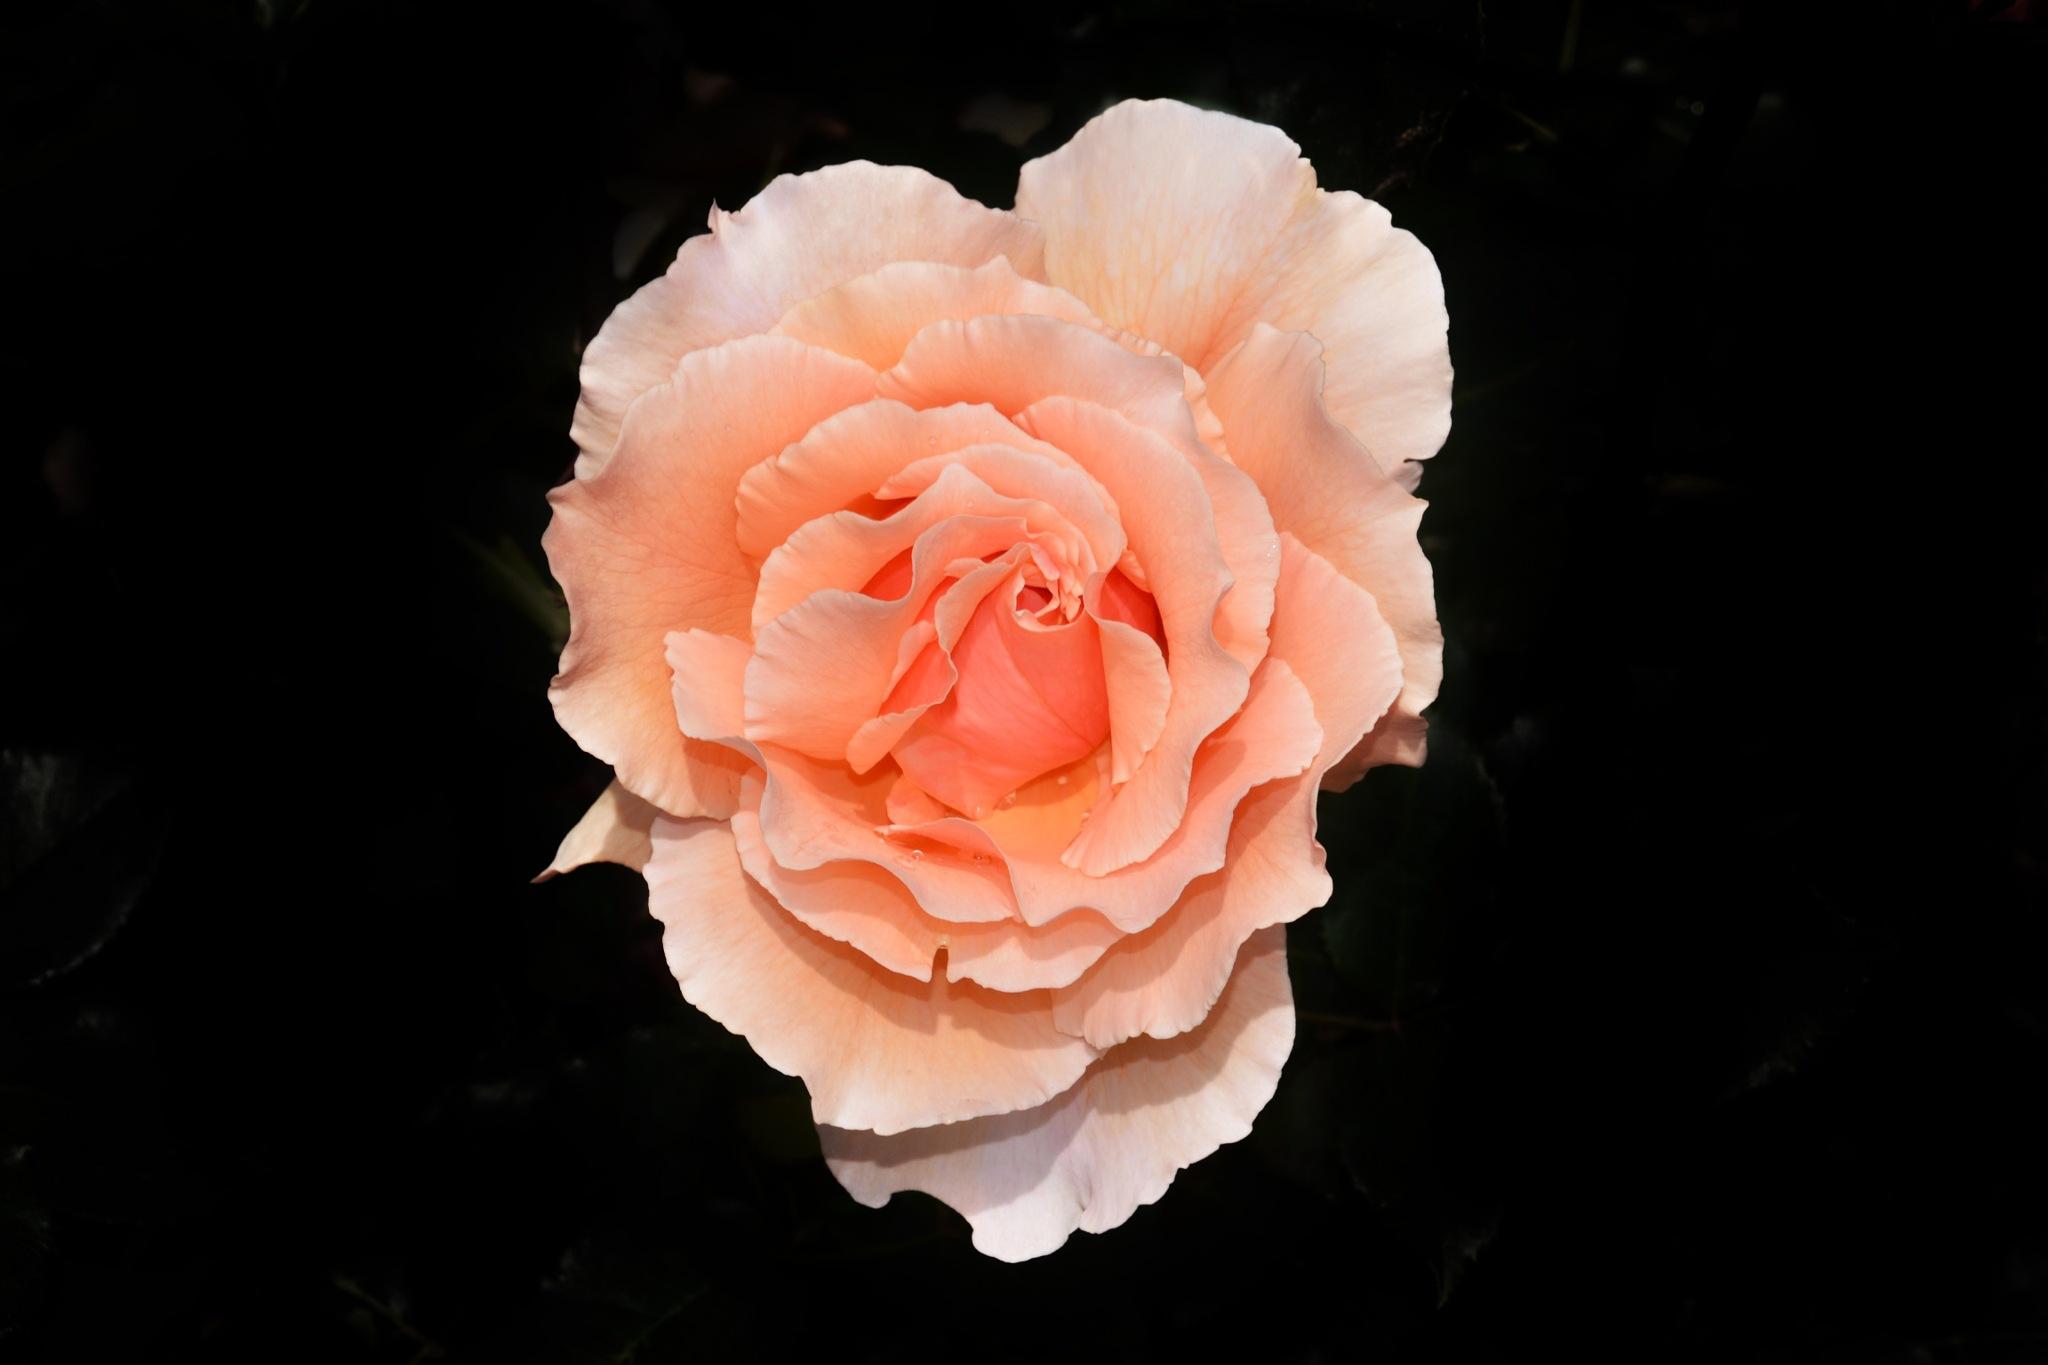 Rose by Sissyjoy